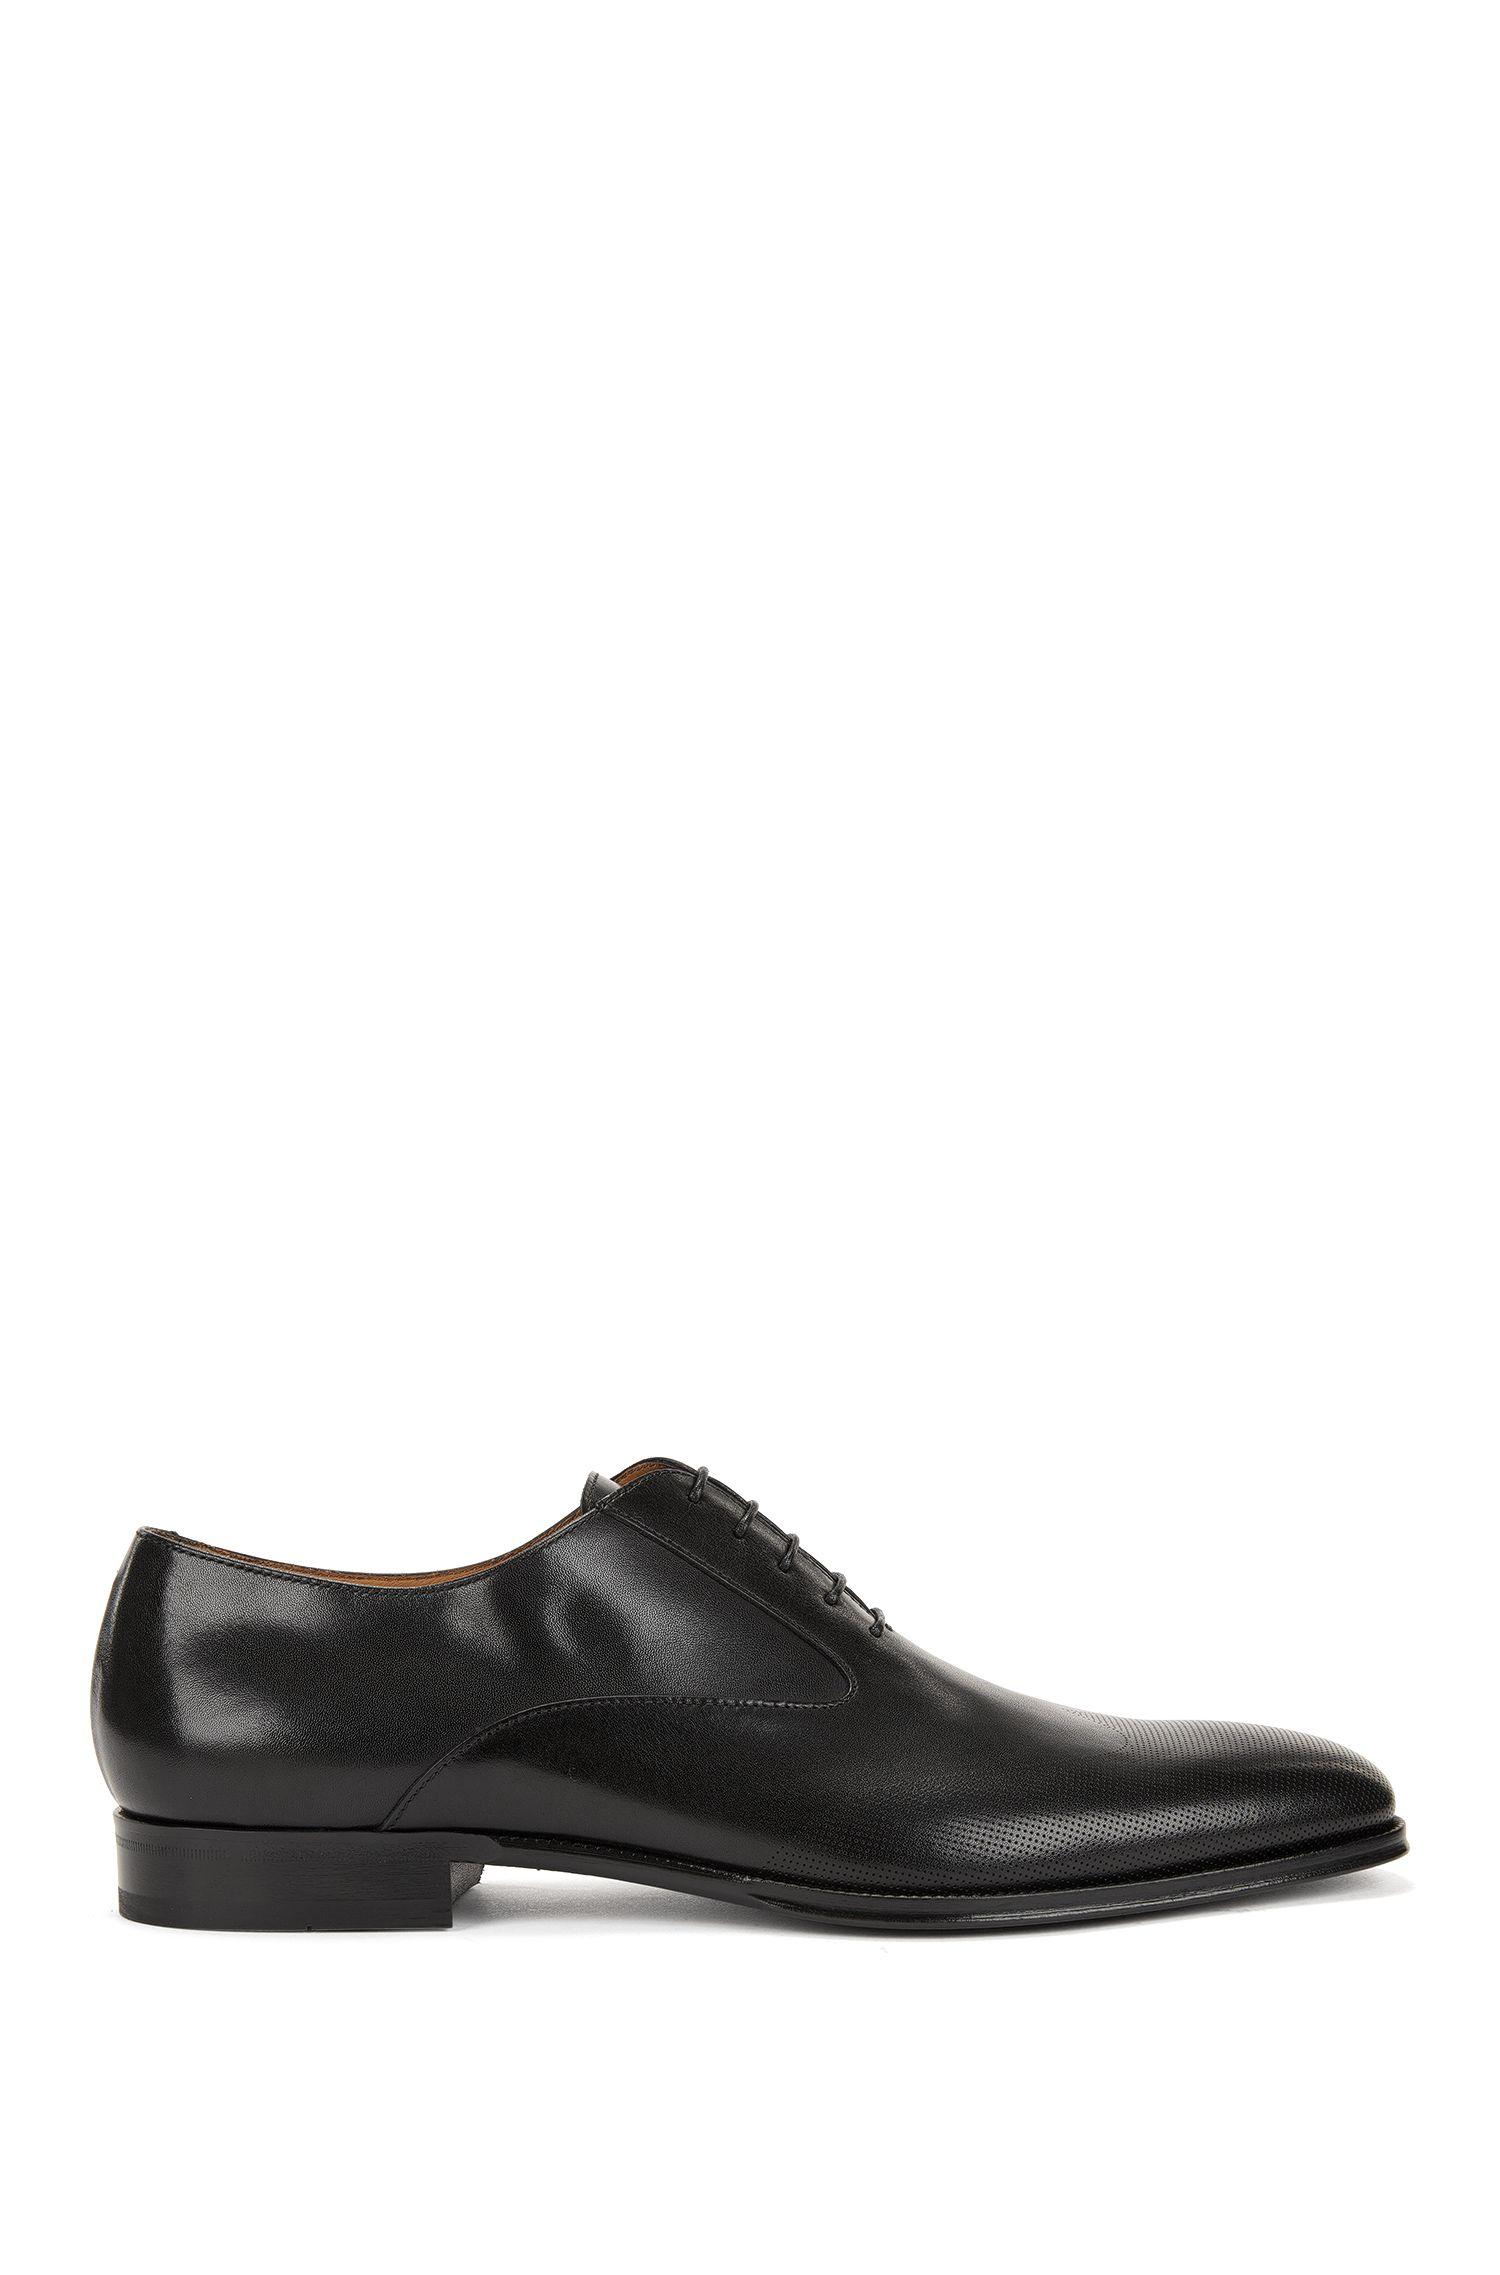 Italienische Oxford-Schuhe aus poliertem Leder